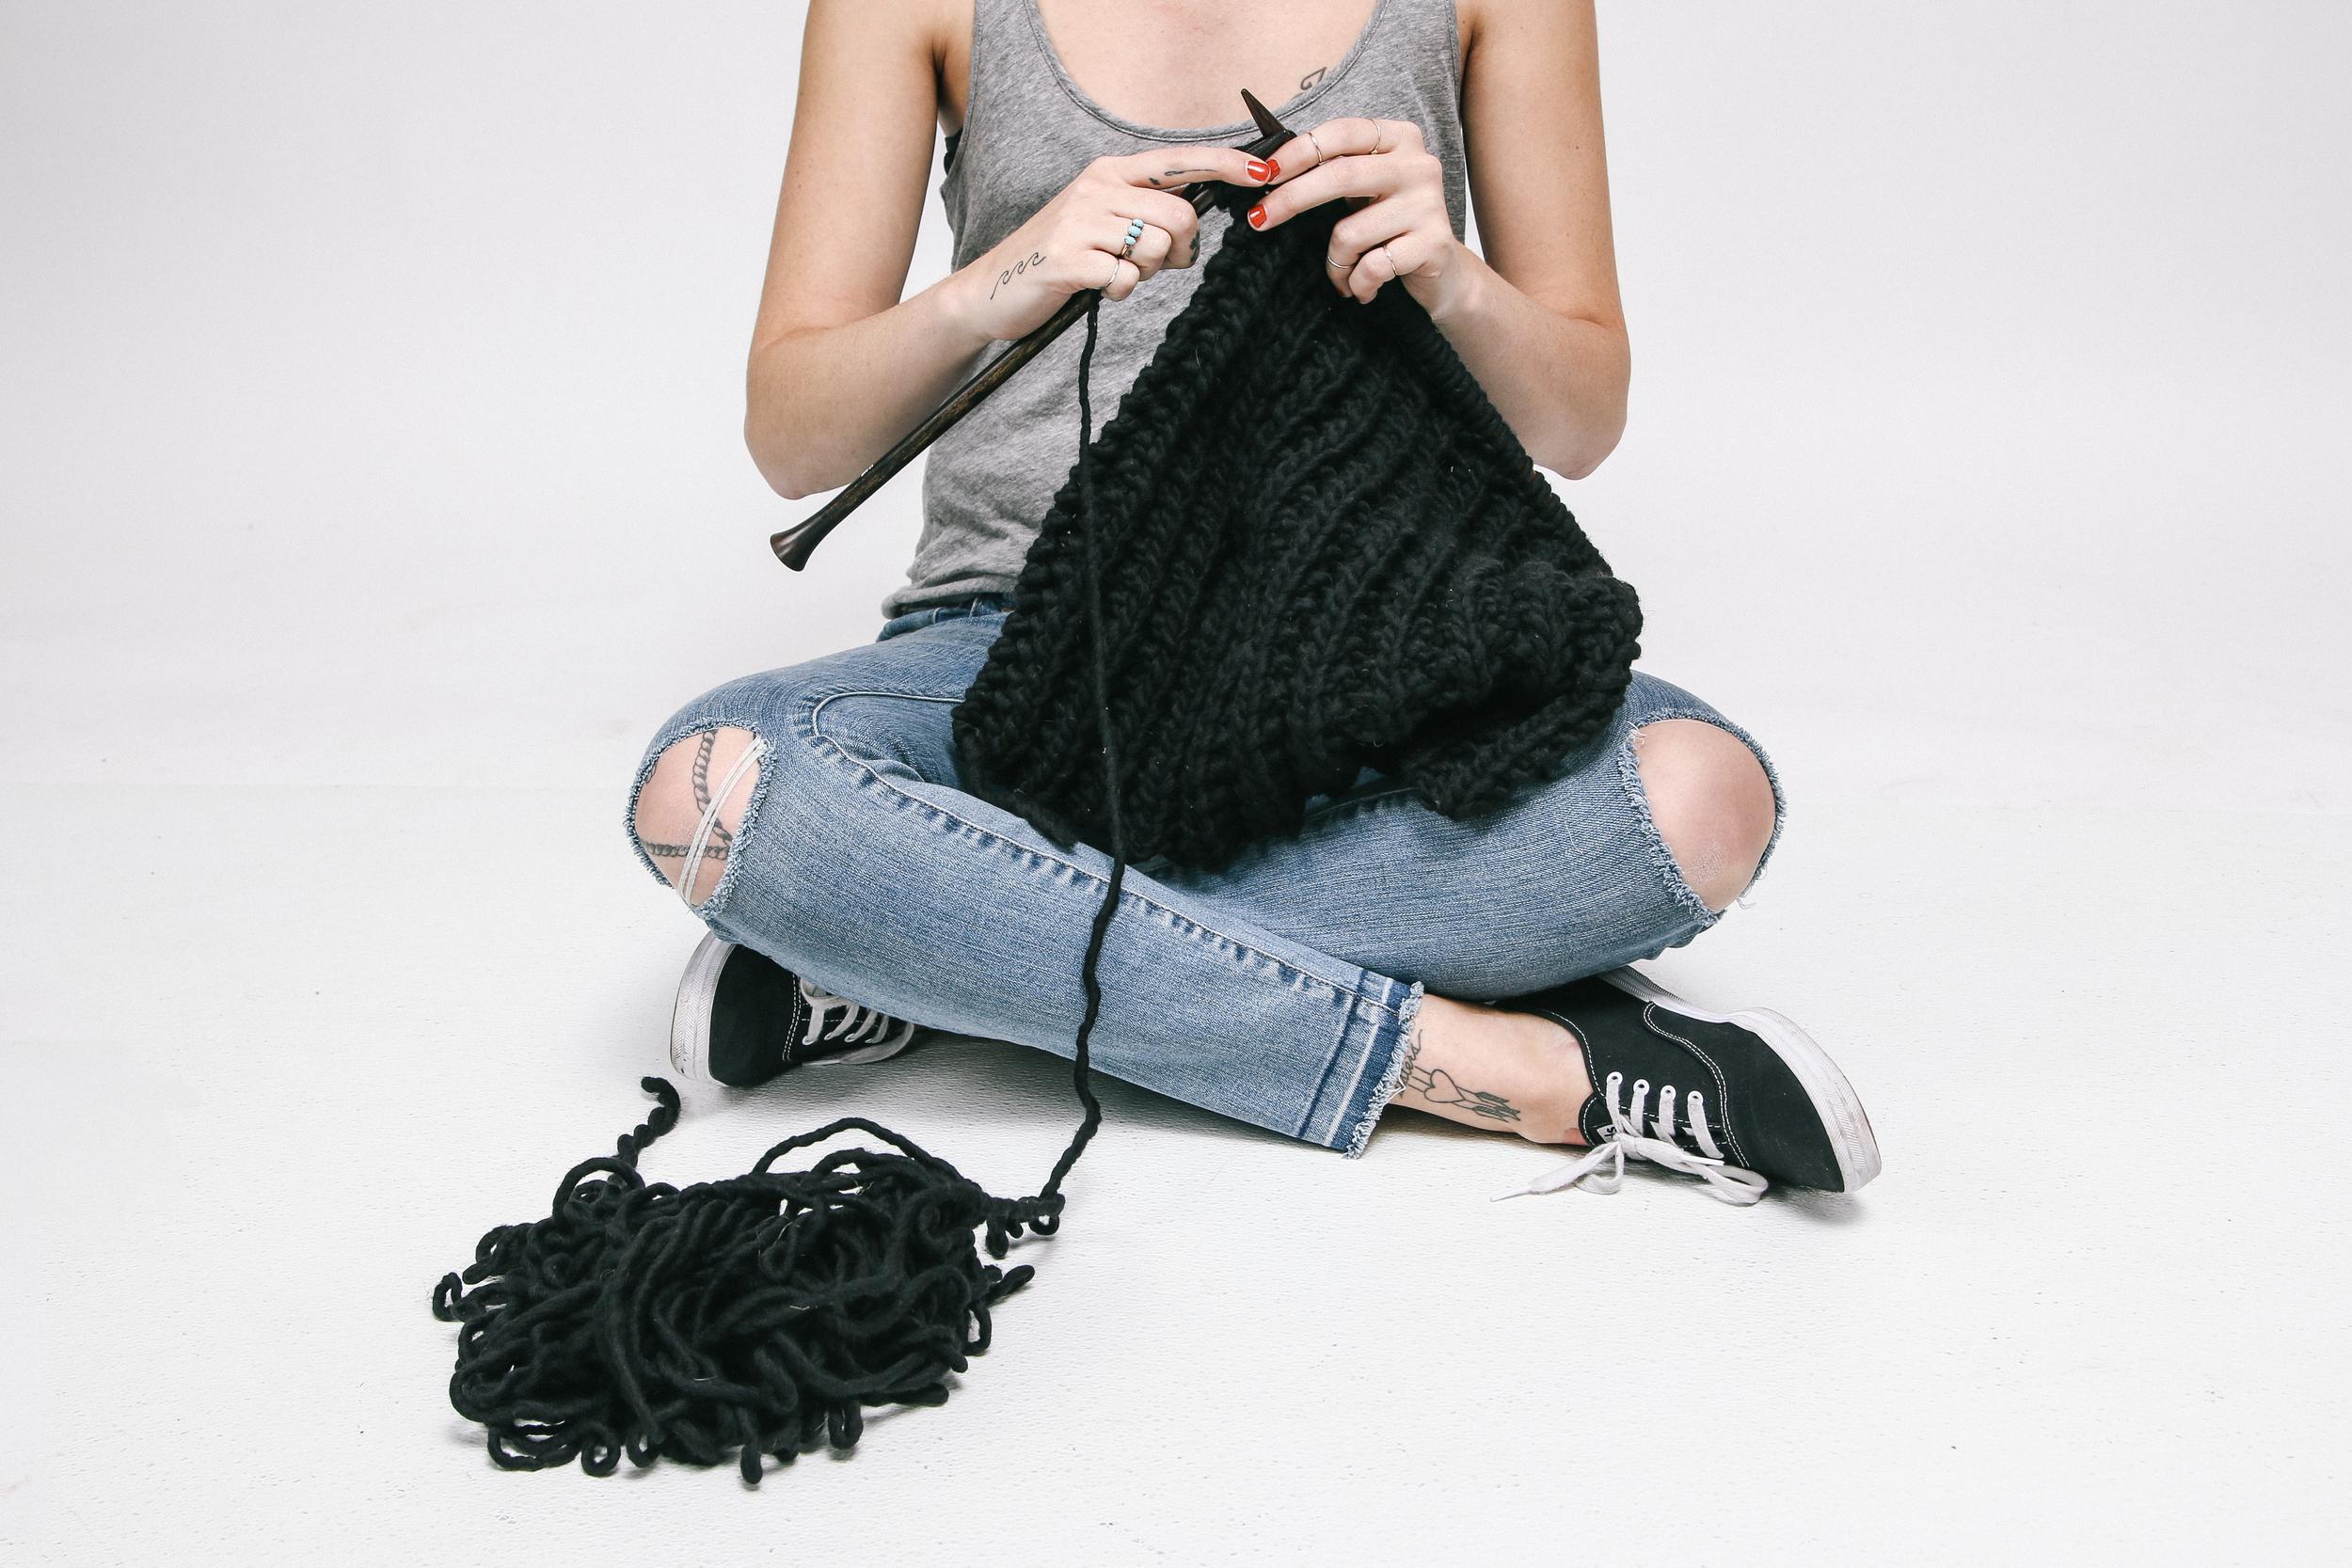 jolene jolene knitting.jpg